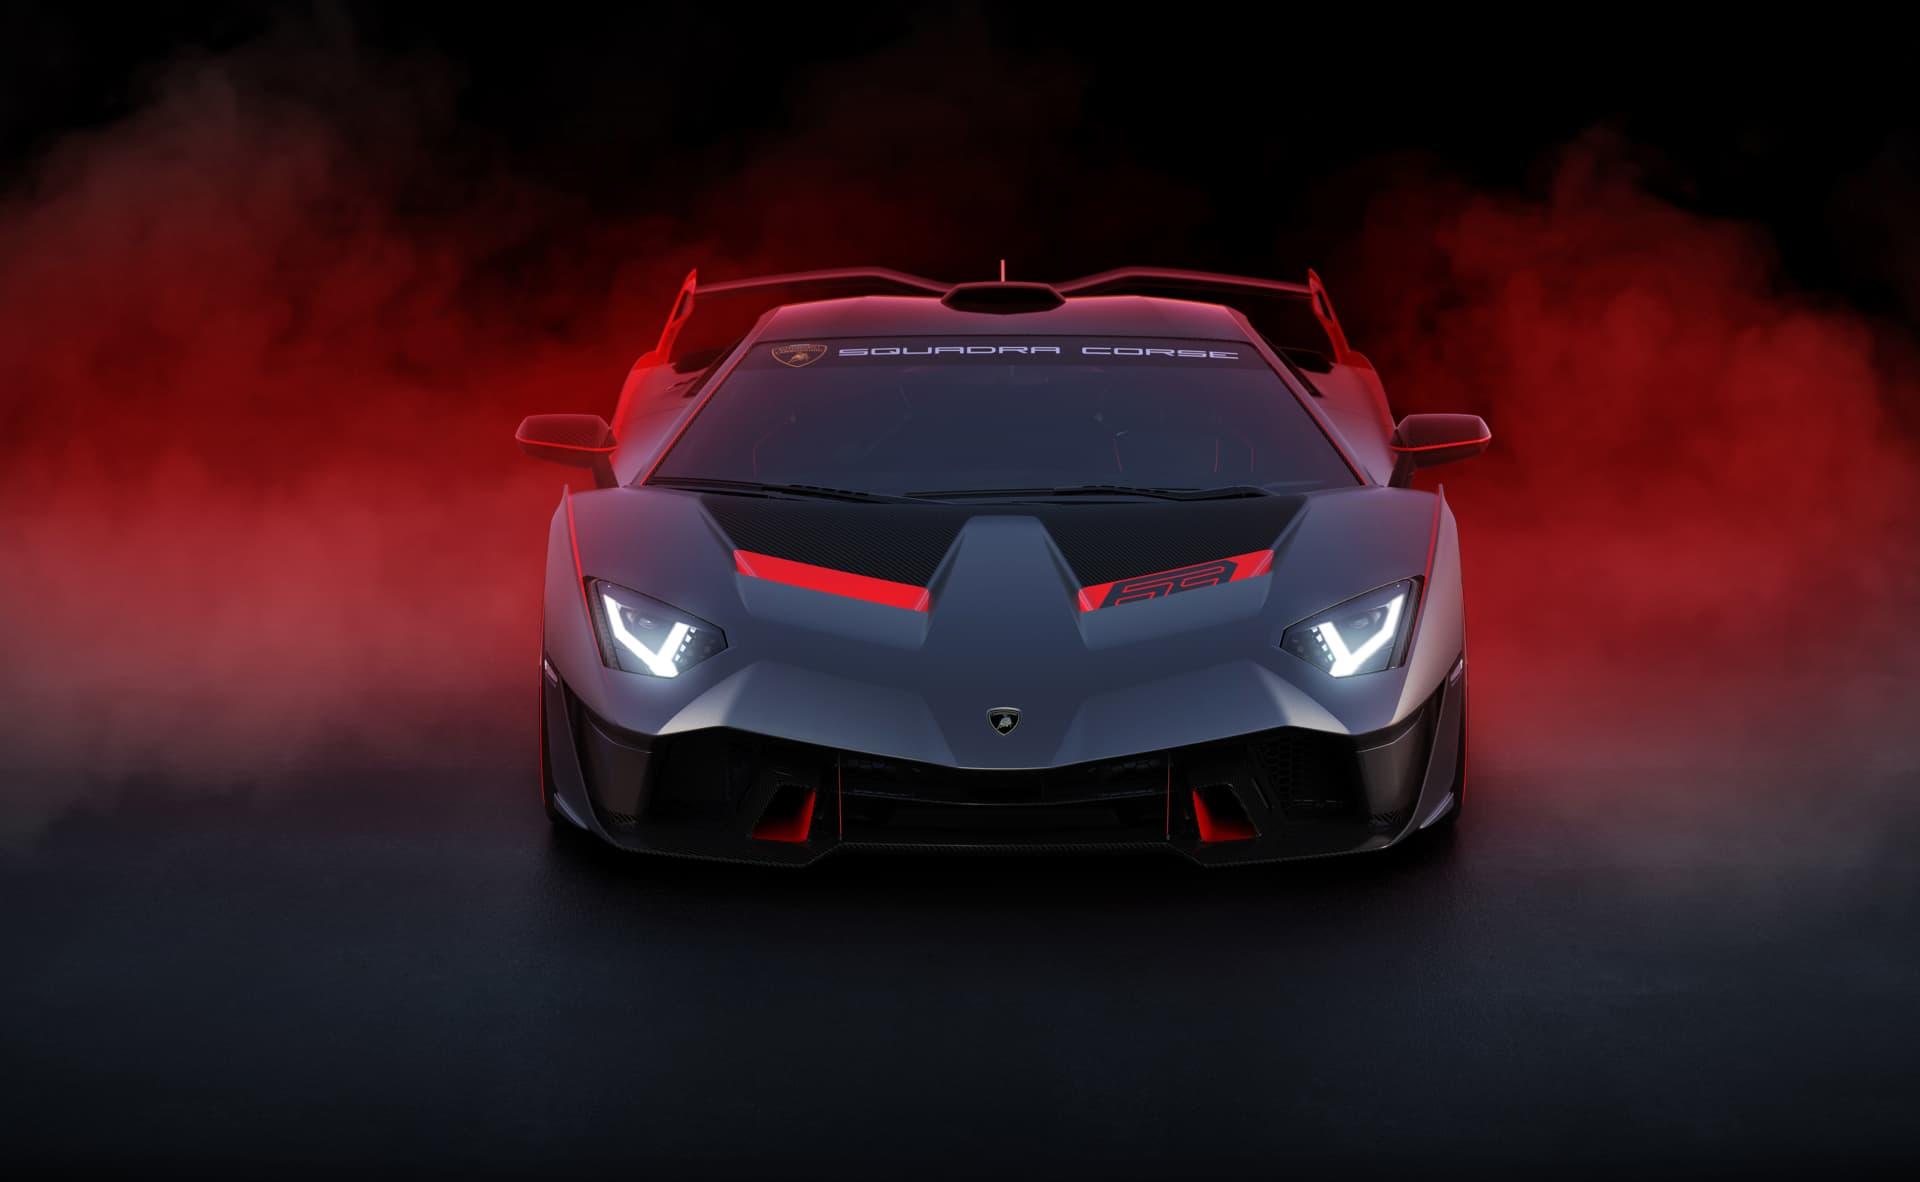 Lamborghini SC18 Alston El Primer Coche De Carretera